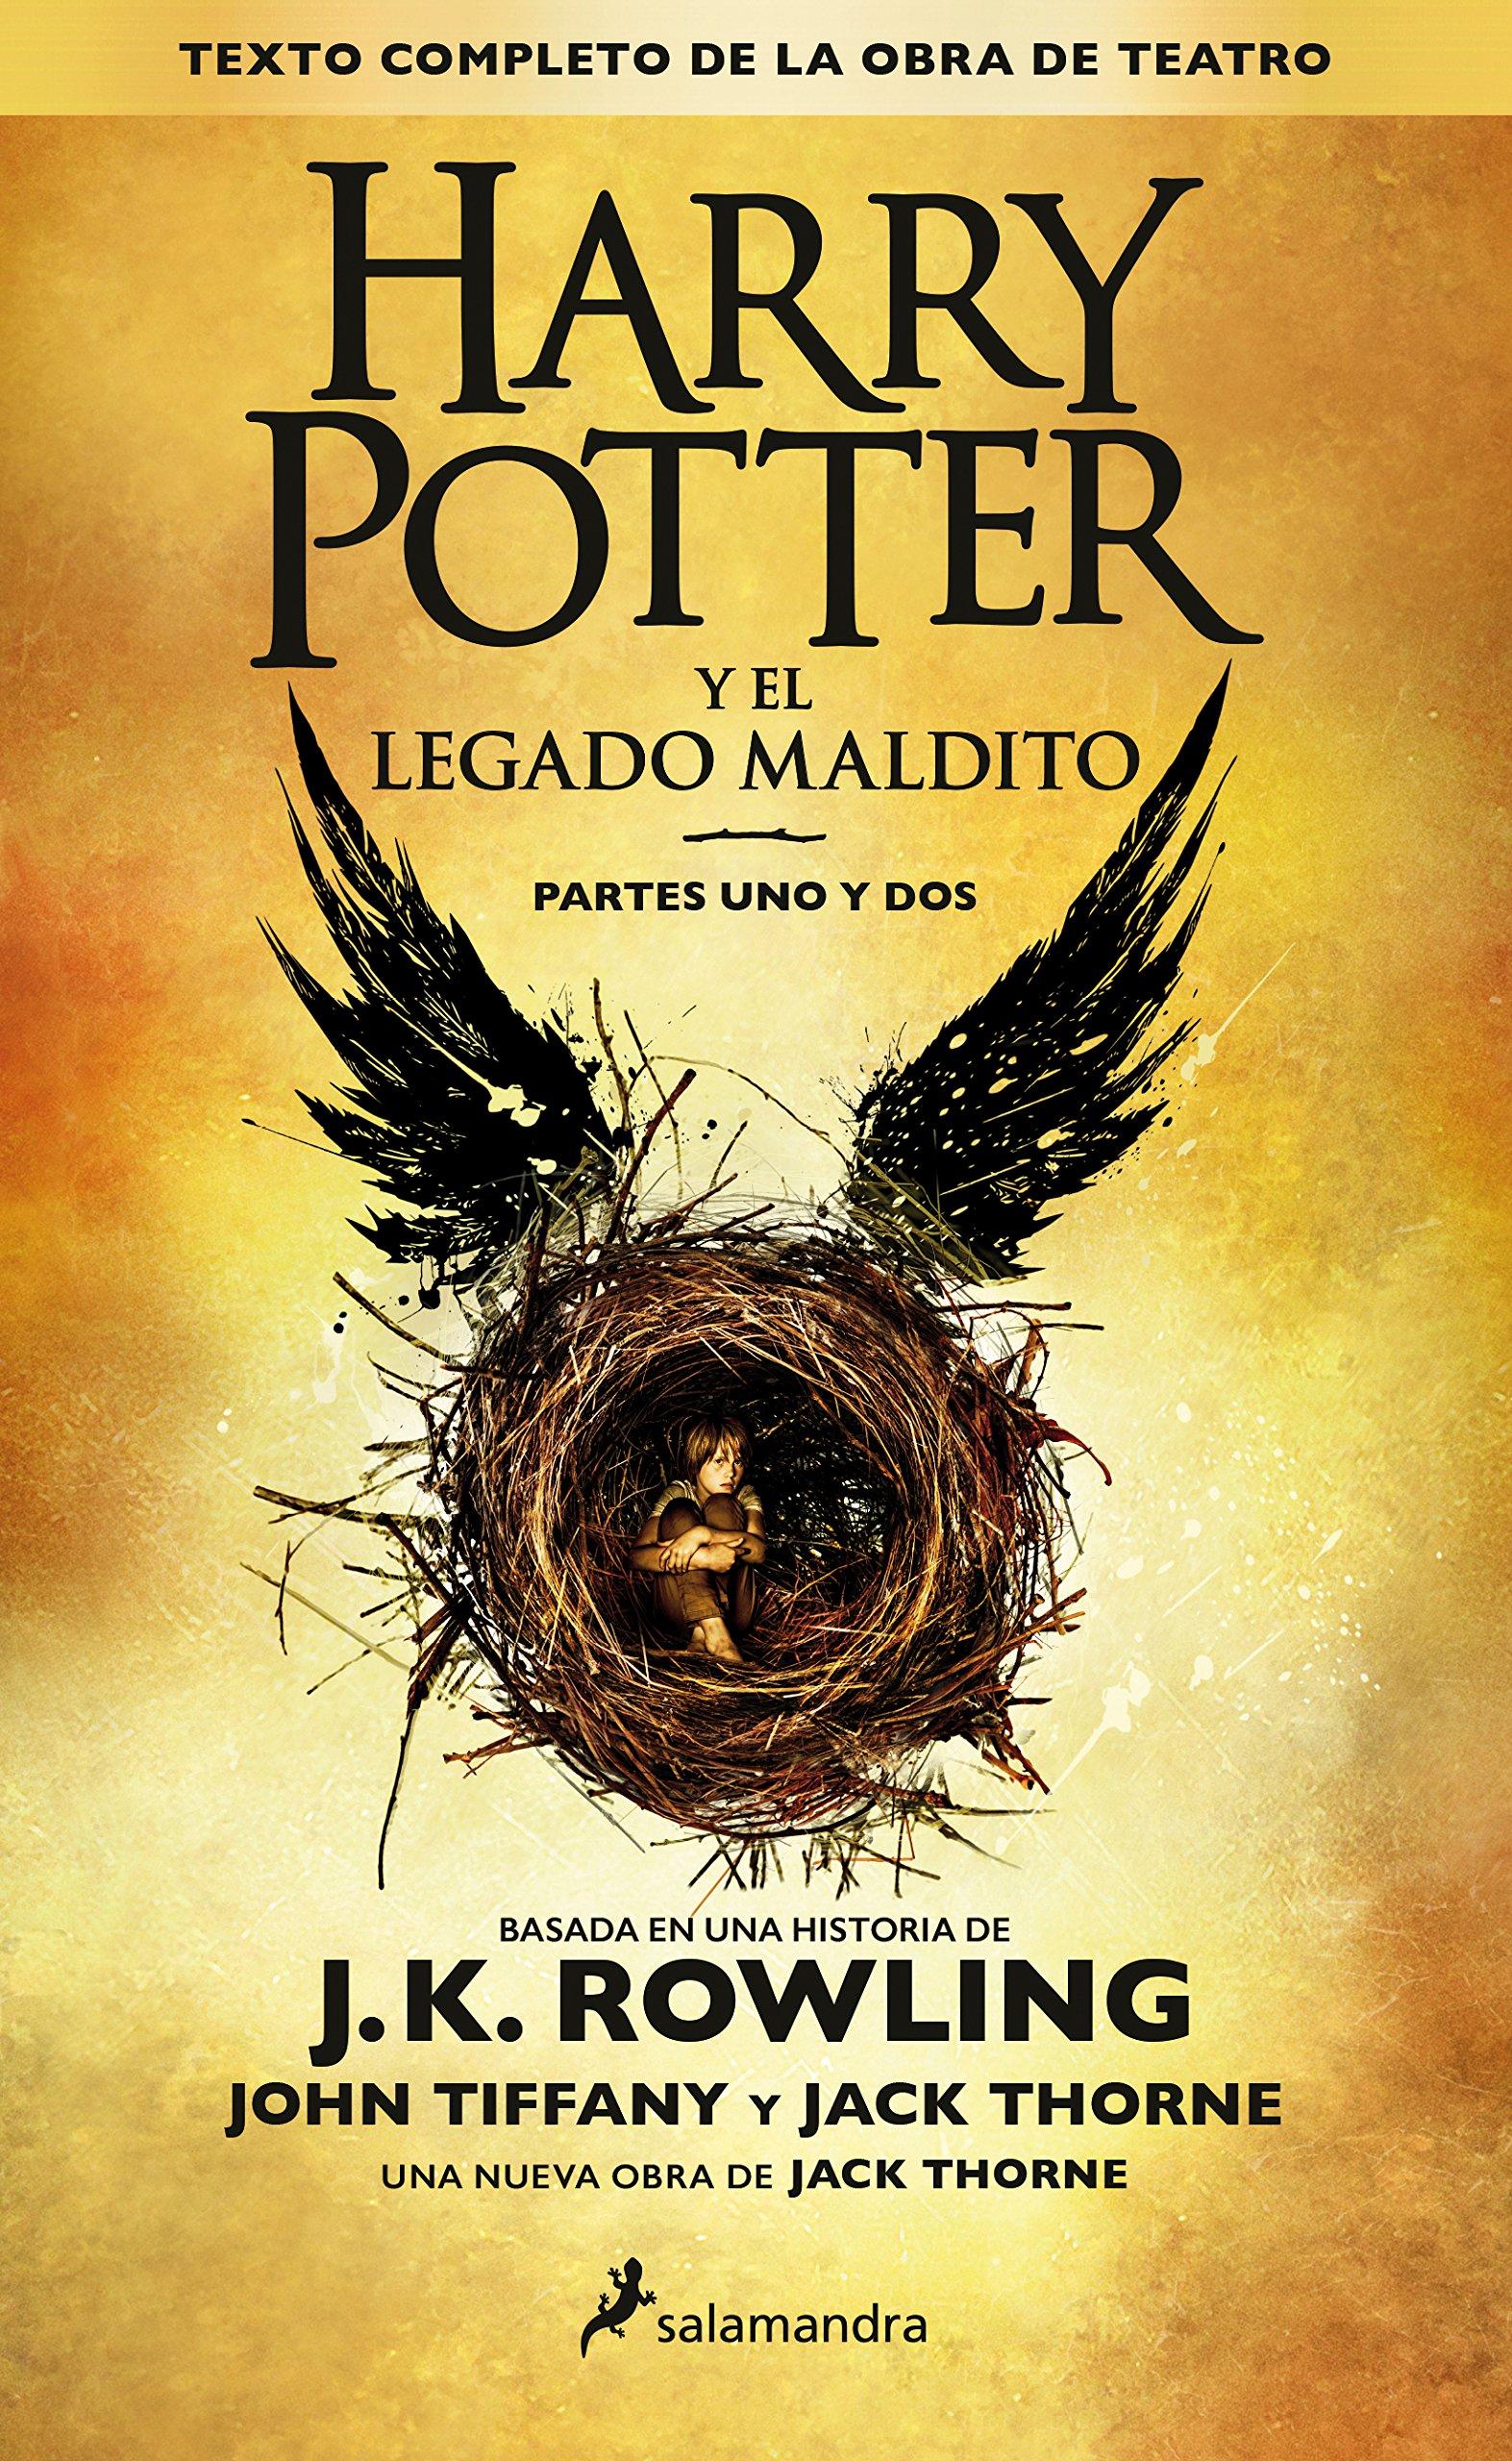 Harry Potter y El Legado Maldito imagen